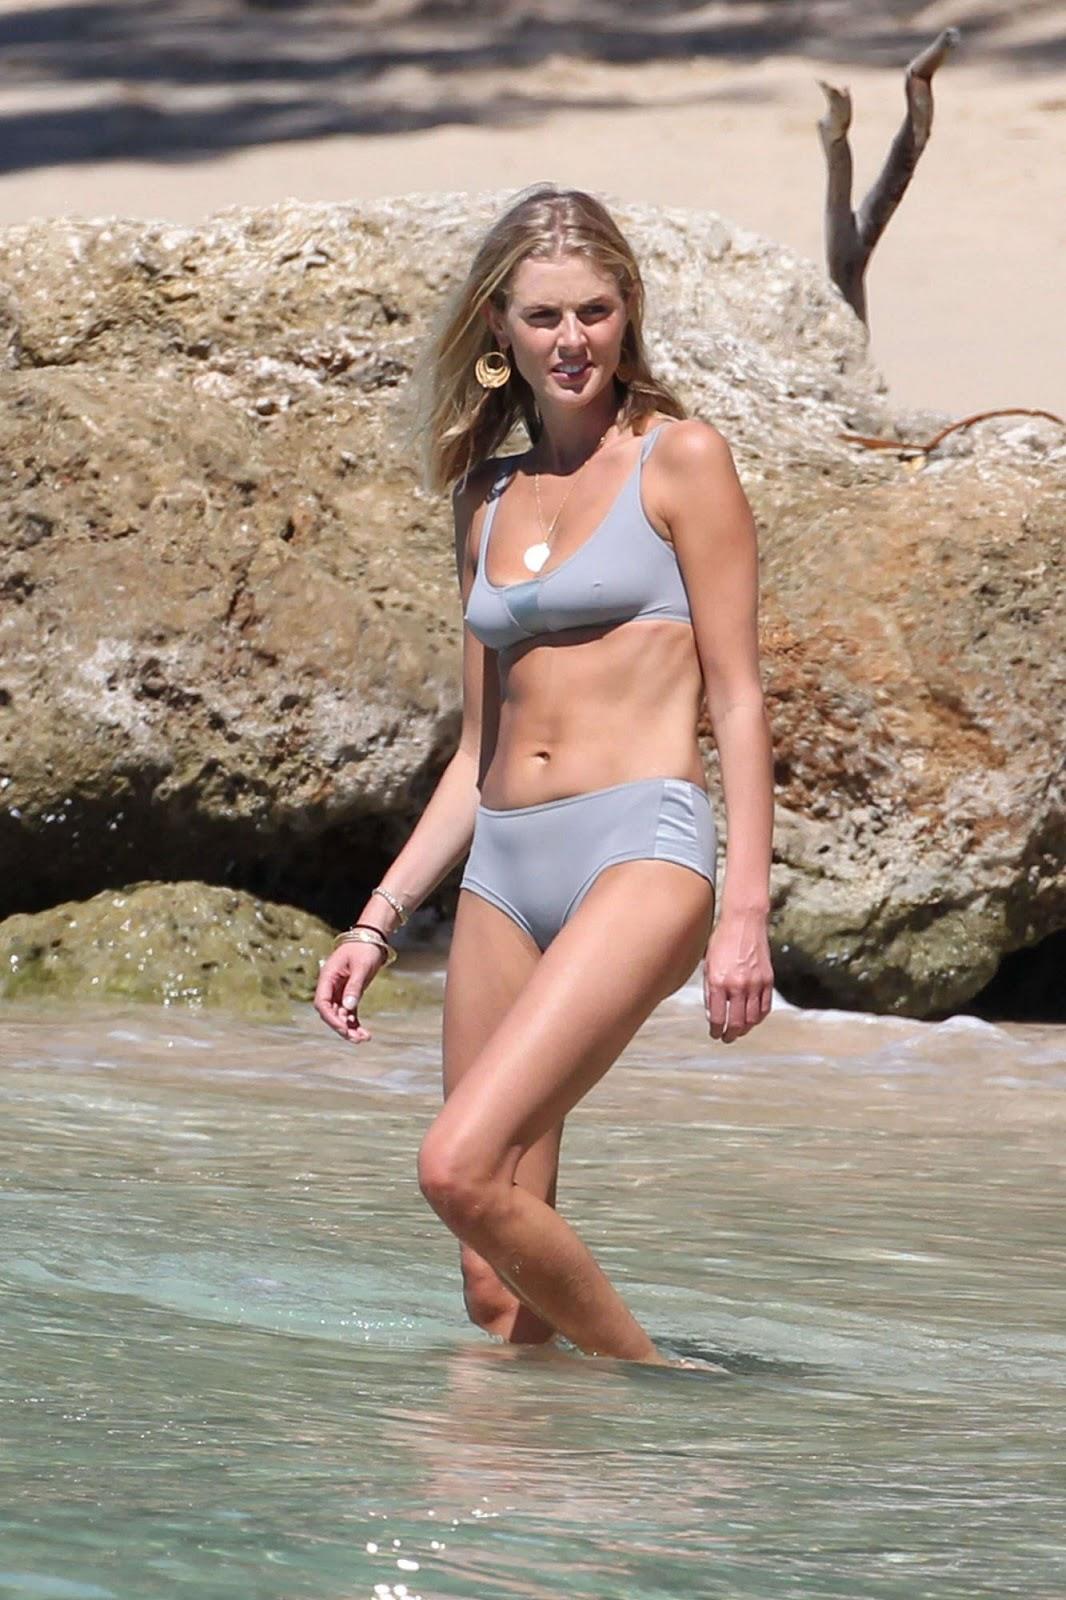 http://1.bp.blogspot.com/-A-zDcj-_y2I/UK_VqYNMoRI/AAAAAAAAlnw/7GIwOPFipAQ/s1600/Donna+Air+Bikini+Candids+in+Barbados+-+November+17%252C+2012+00.jpg